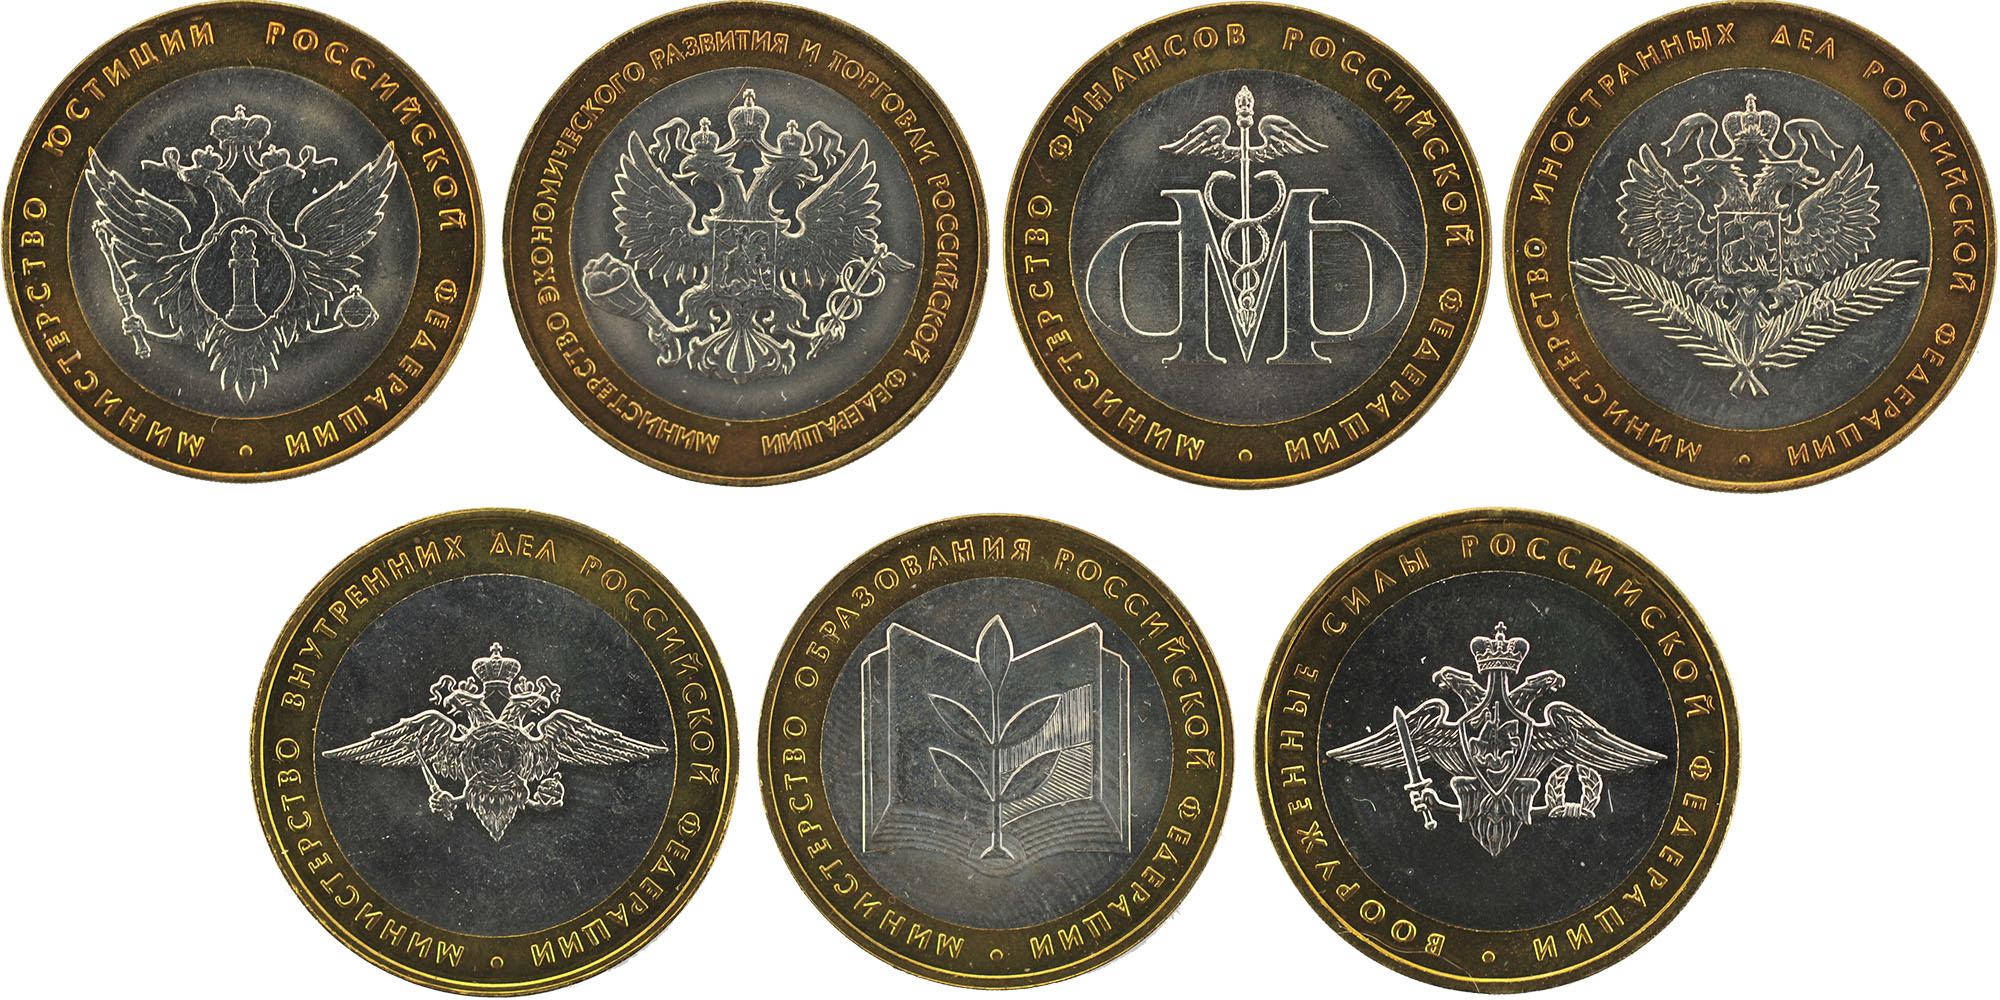 10 рублей 2002 года Министерства.